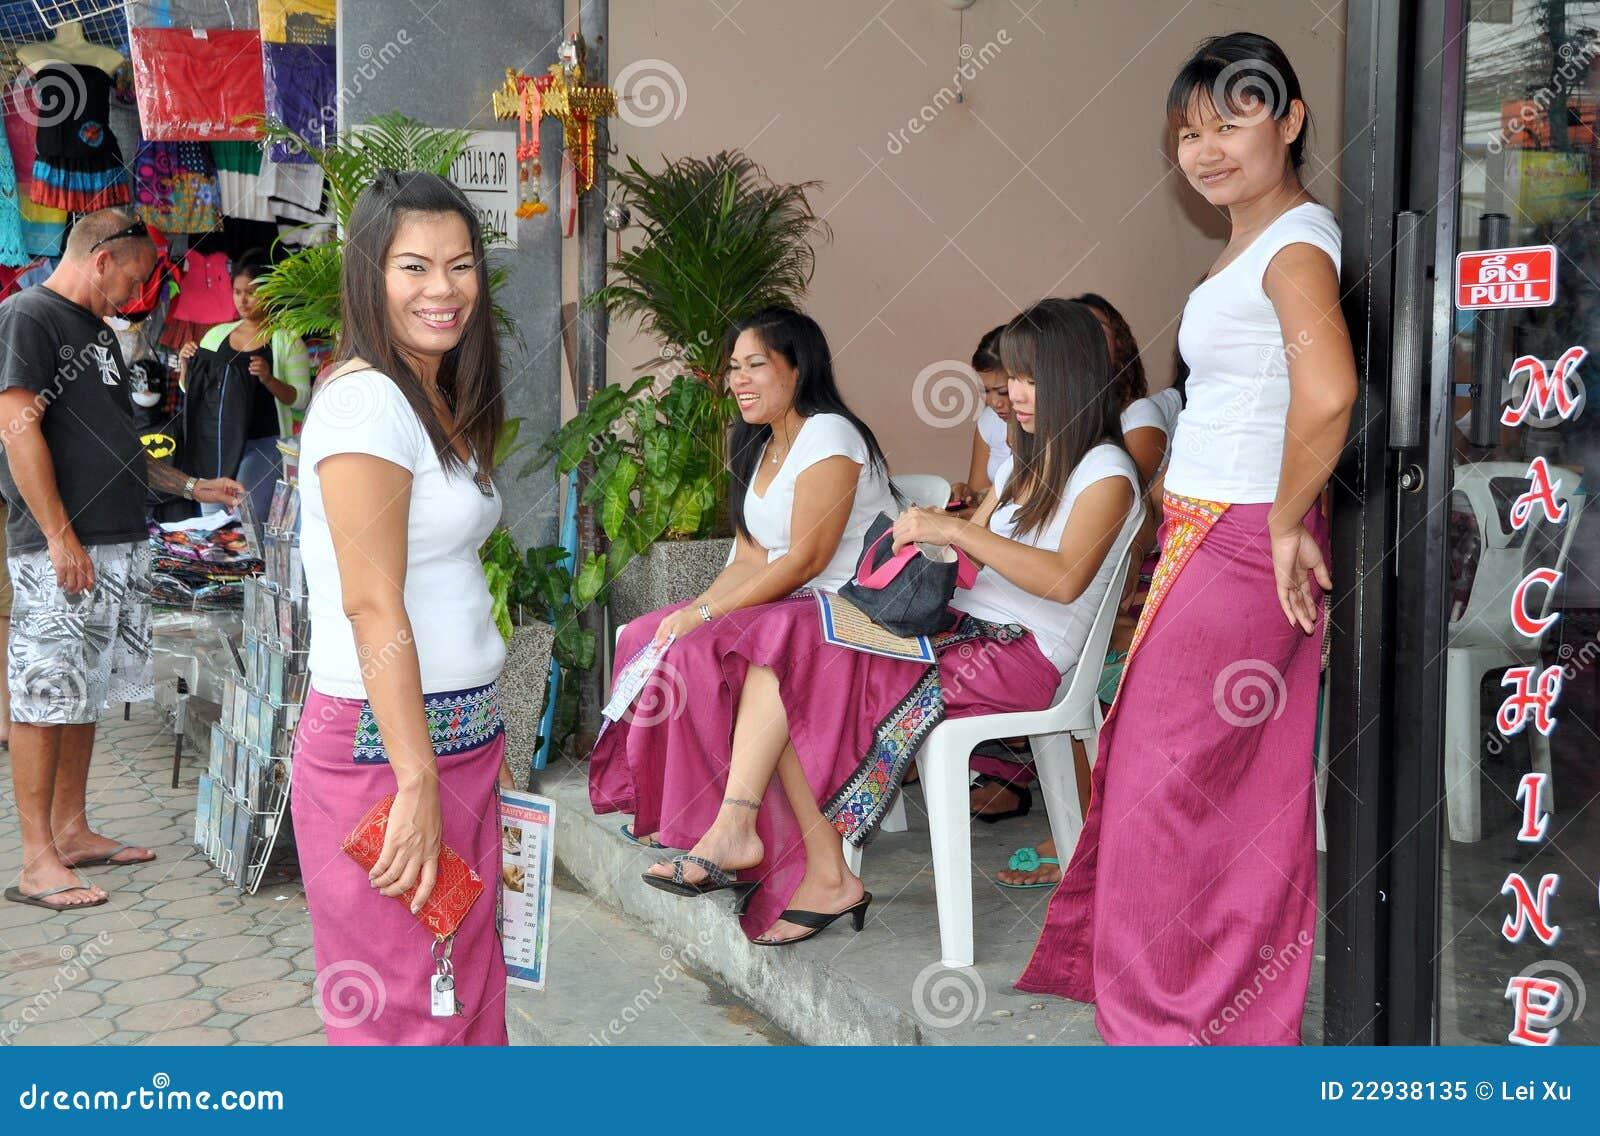 thaimassage göteborg gay happy thai massage cam